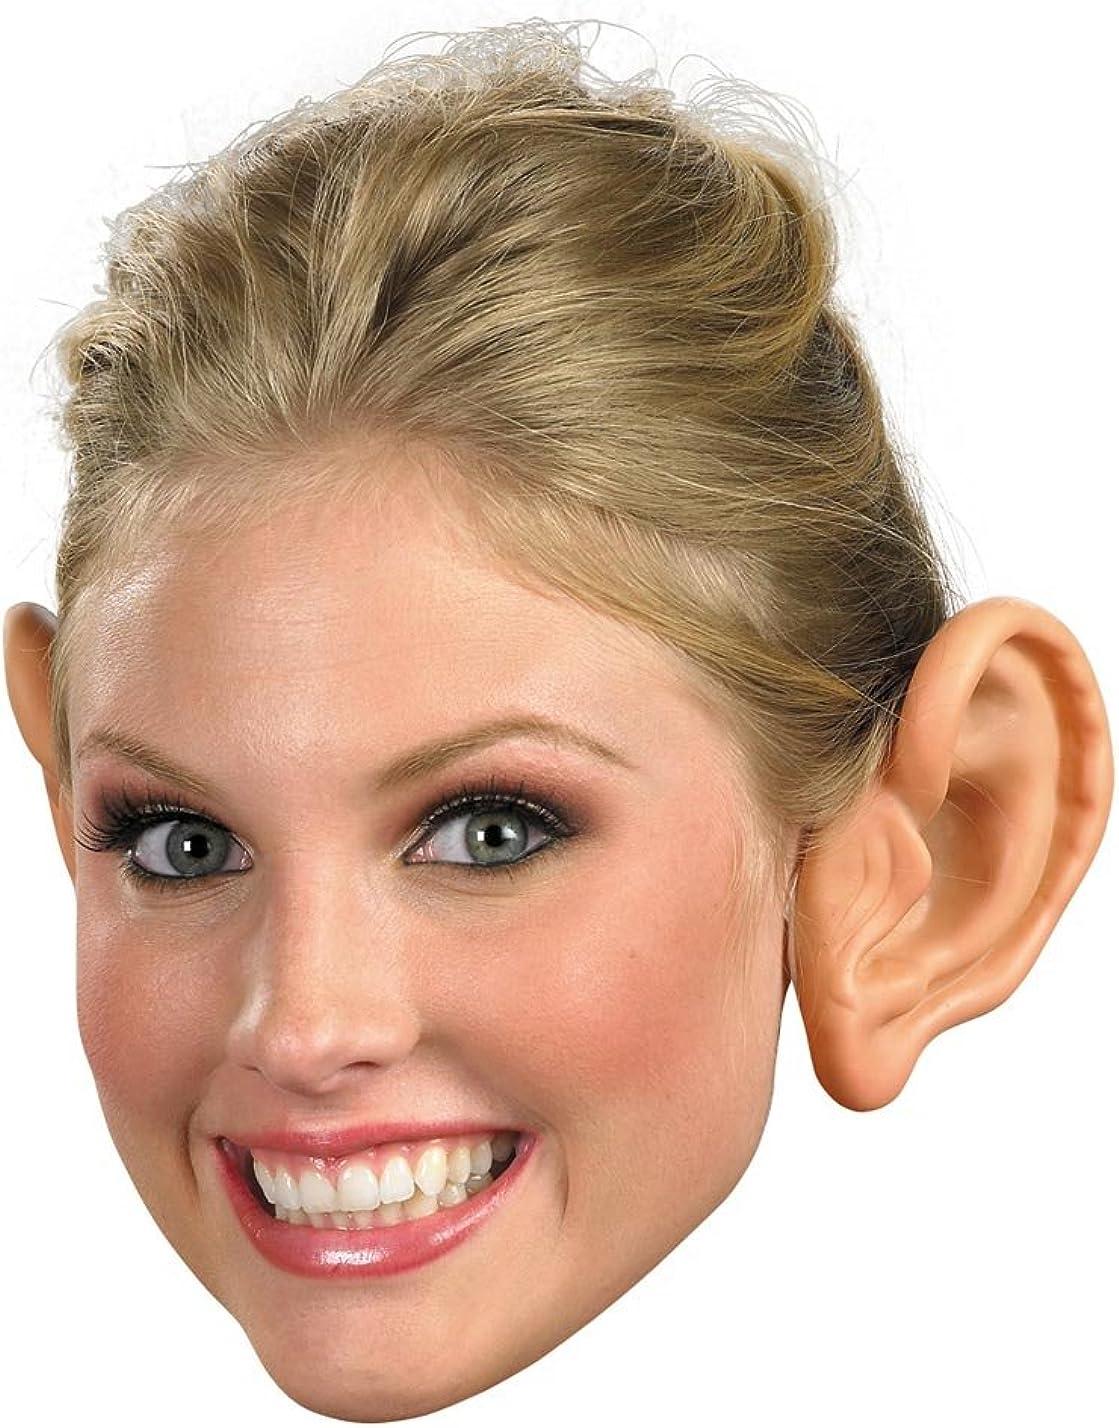 Adults Big Ears Headband